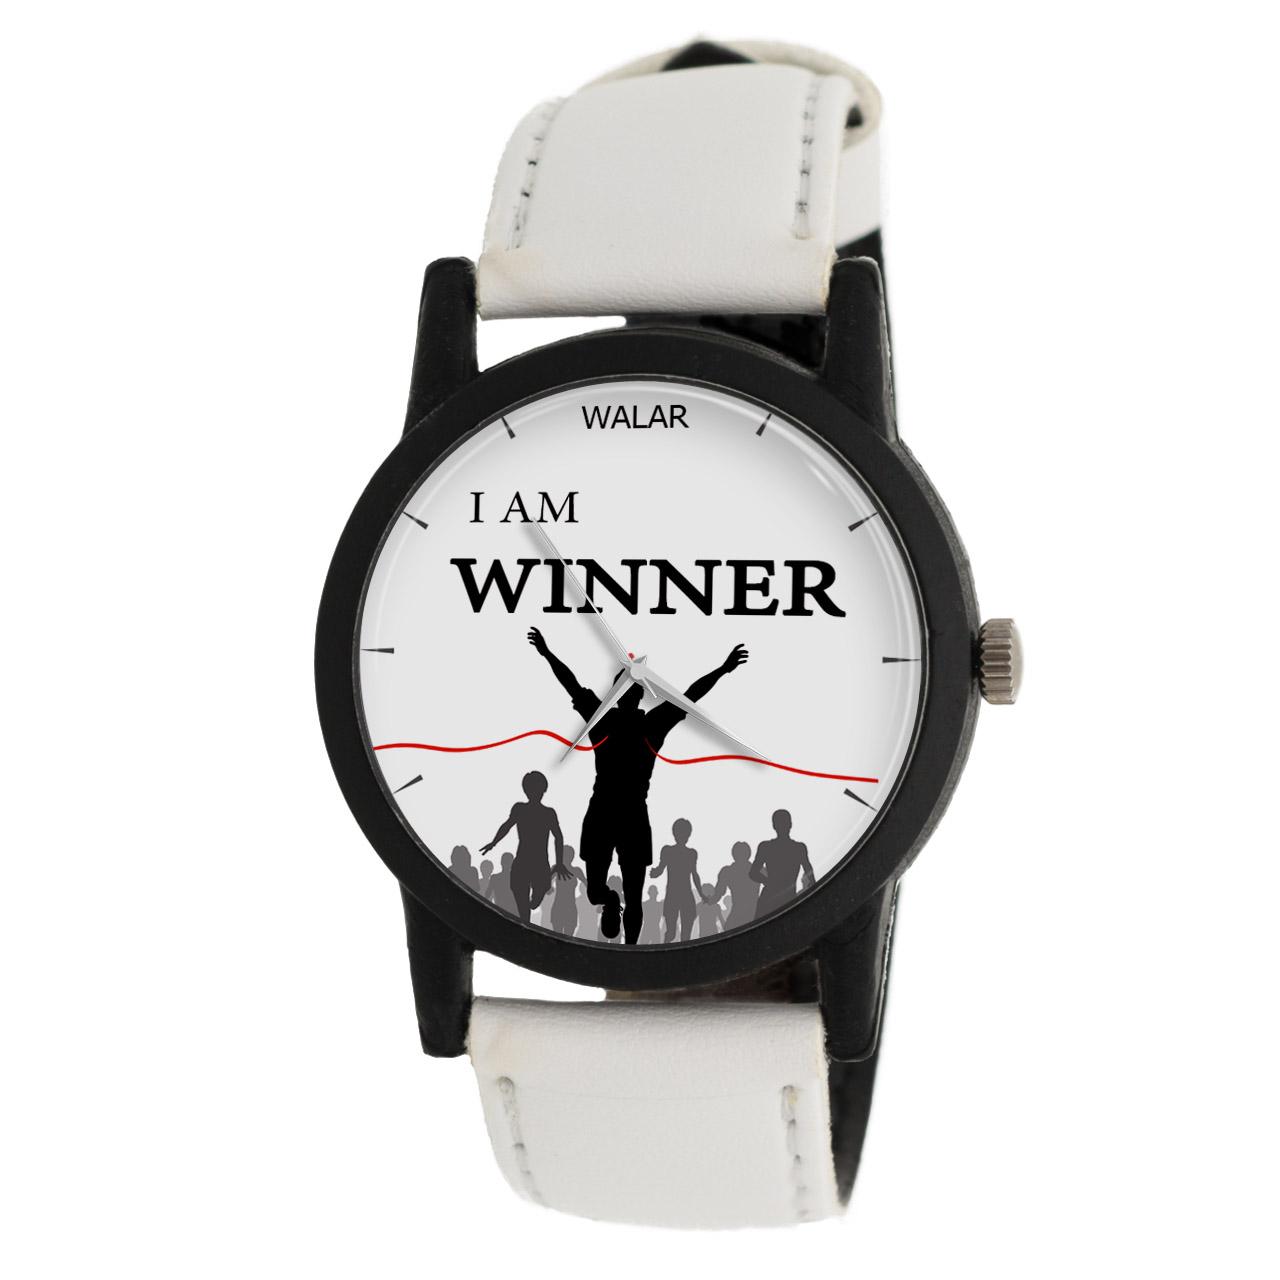 ساعت مچی عقربه ای والار طرح I Am Winner مدل LF1388